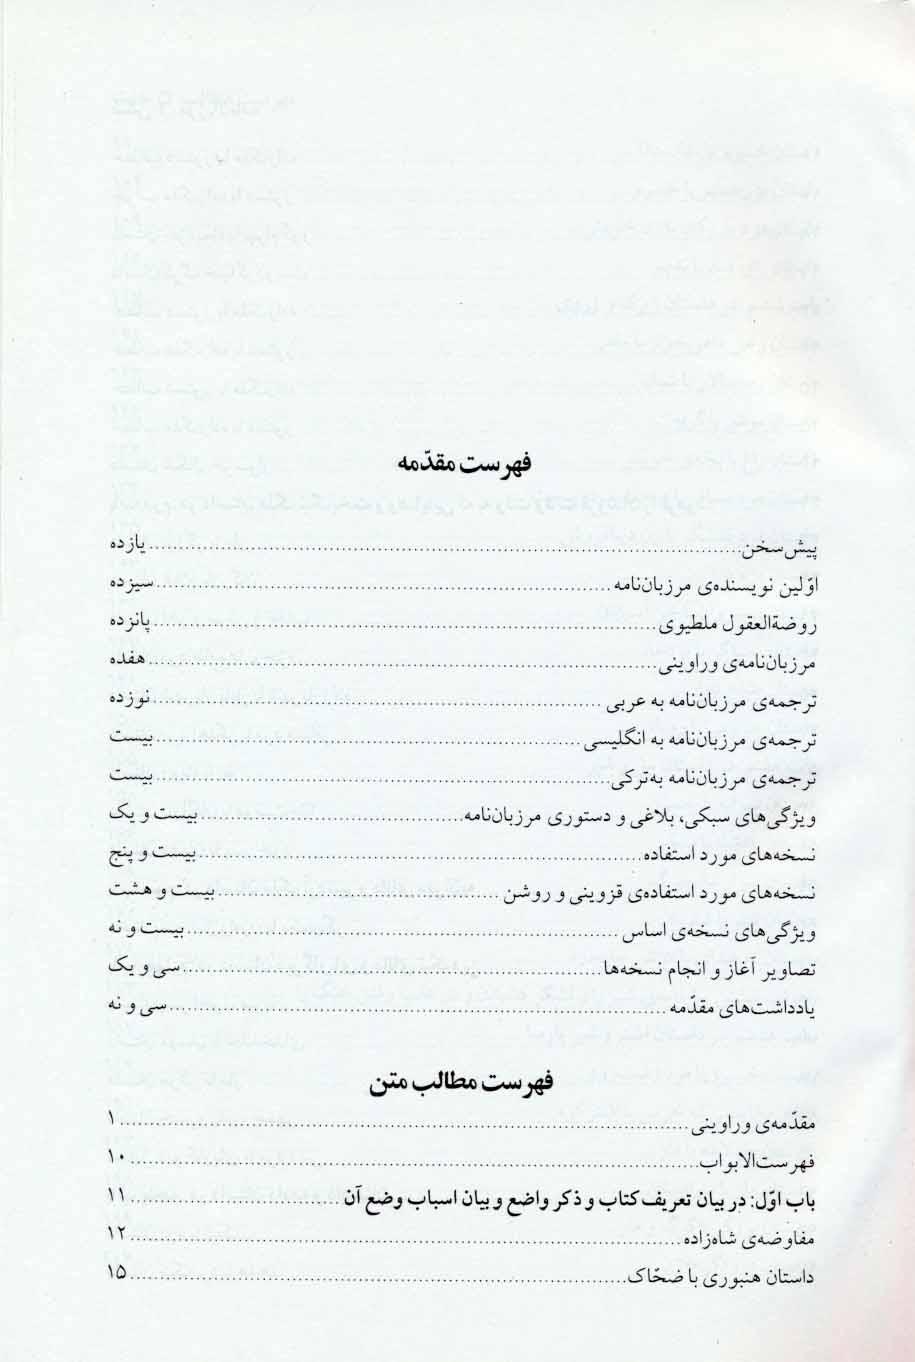 تصحیح و شرح مرزبان نامه